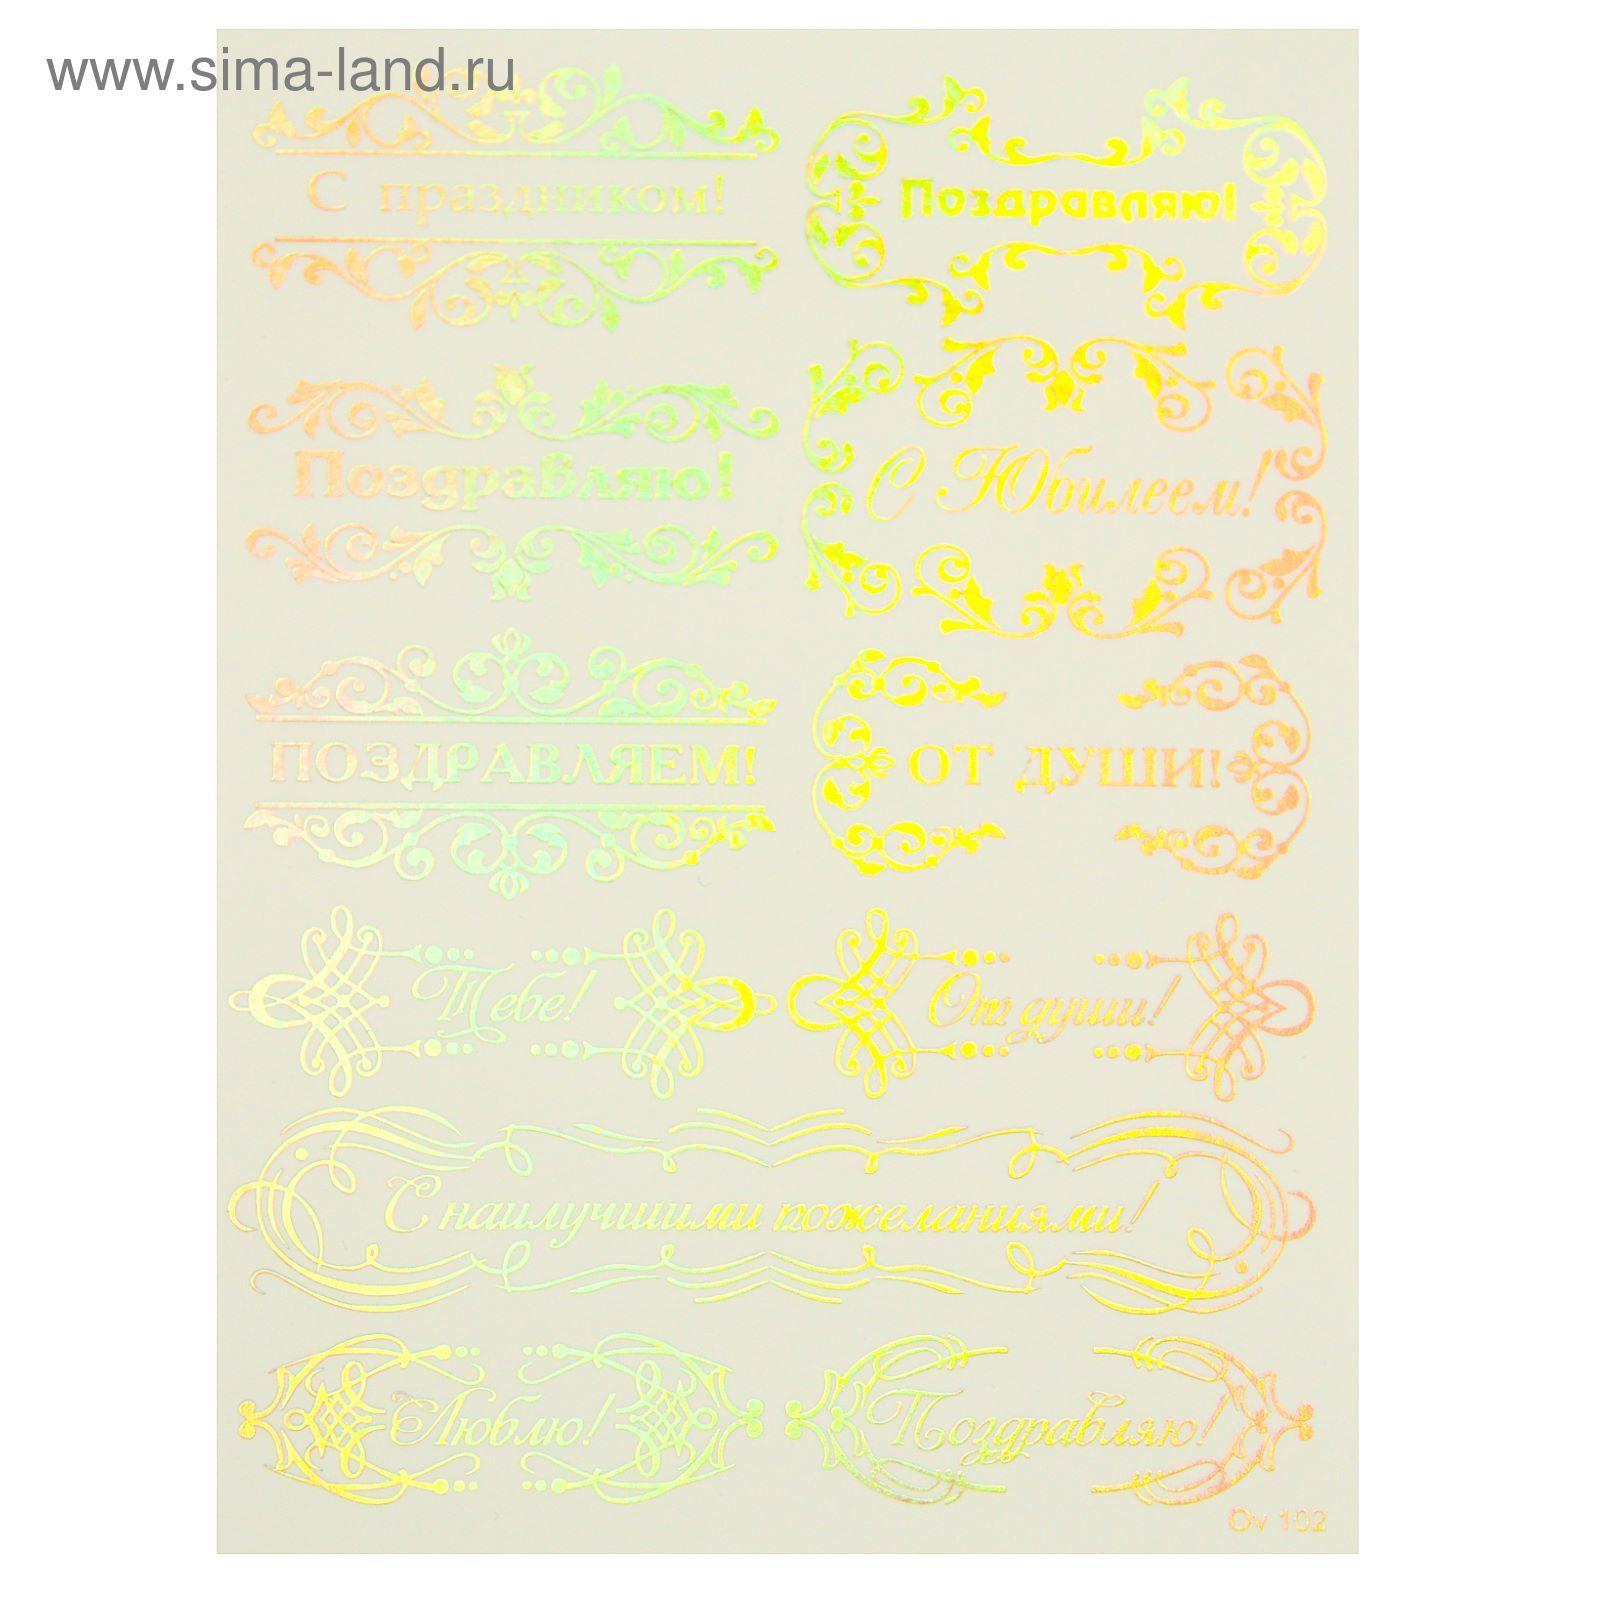 Голографической бумаги поделки